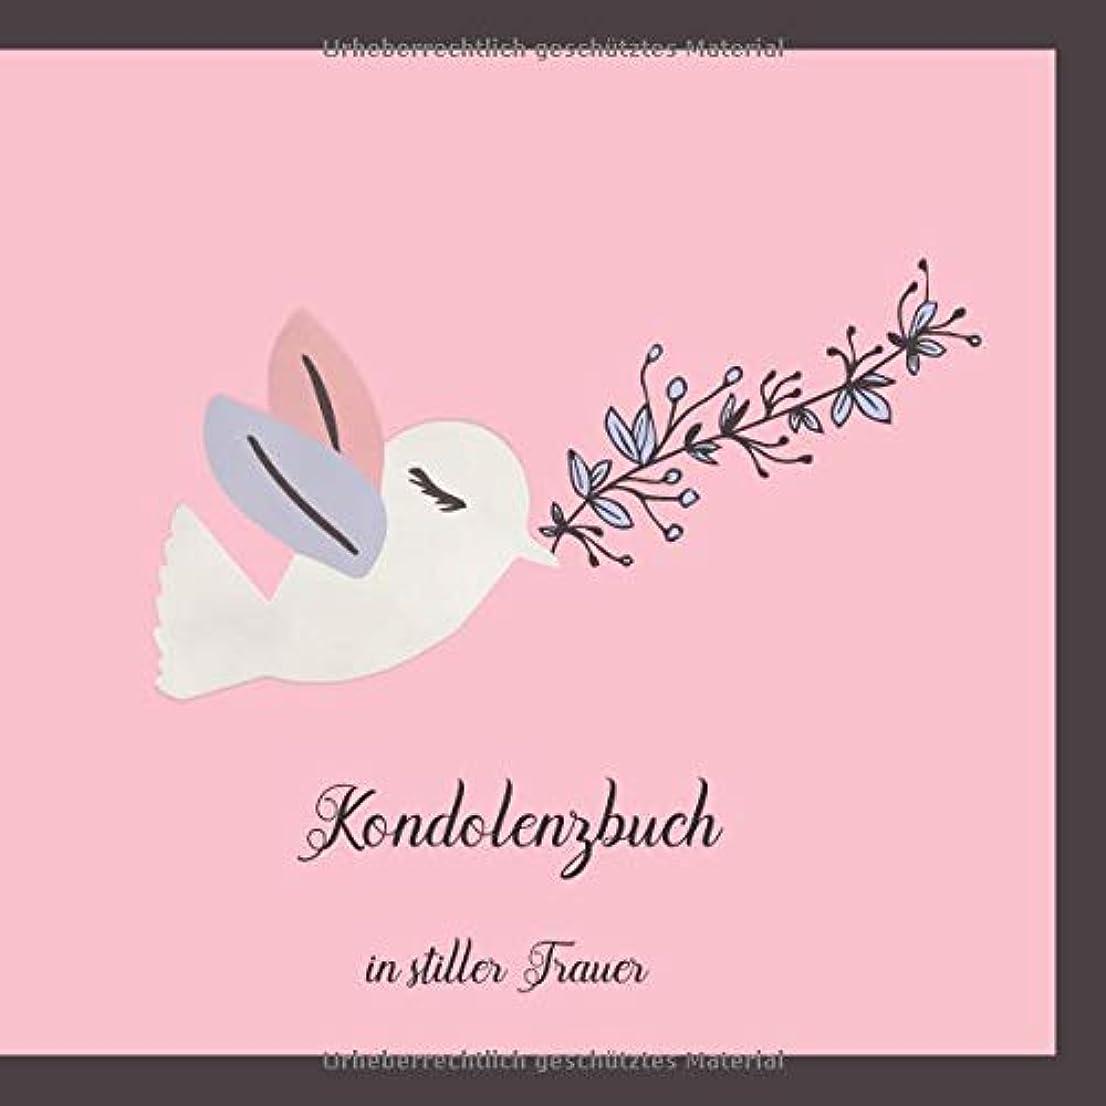 線騒々しい三角形Kondolenzbuch - in stiller Trauer: Trauer und Mitgefuehl zeigen - zum Auslegen fuer Trauergaeste auf einer Trauerfeier - im Krankenhaus - Beerdigung - fuer liebevolle Worte und Erinnerungen